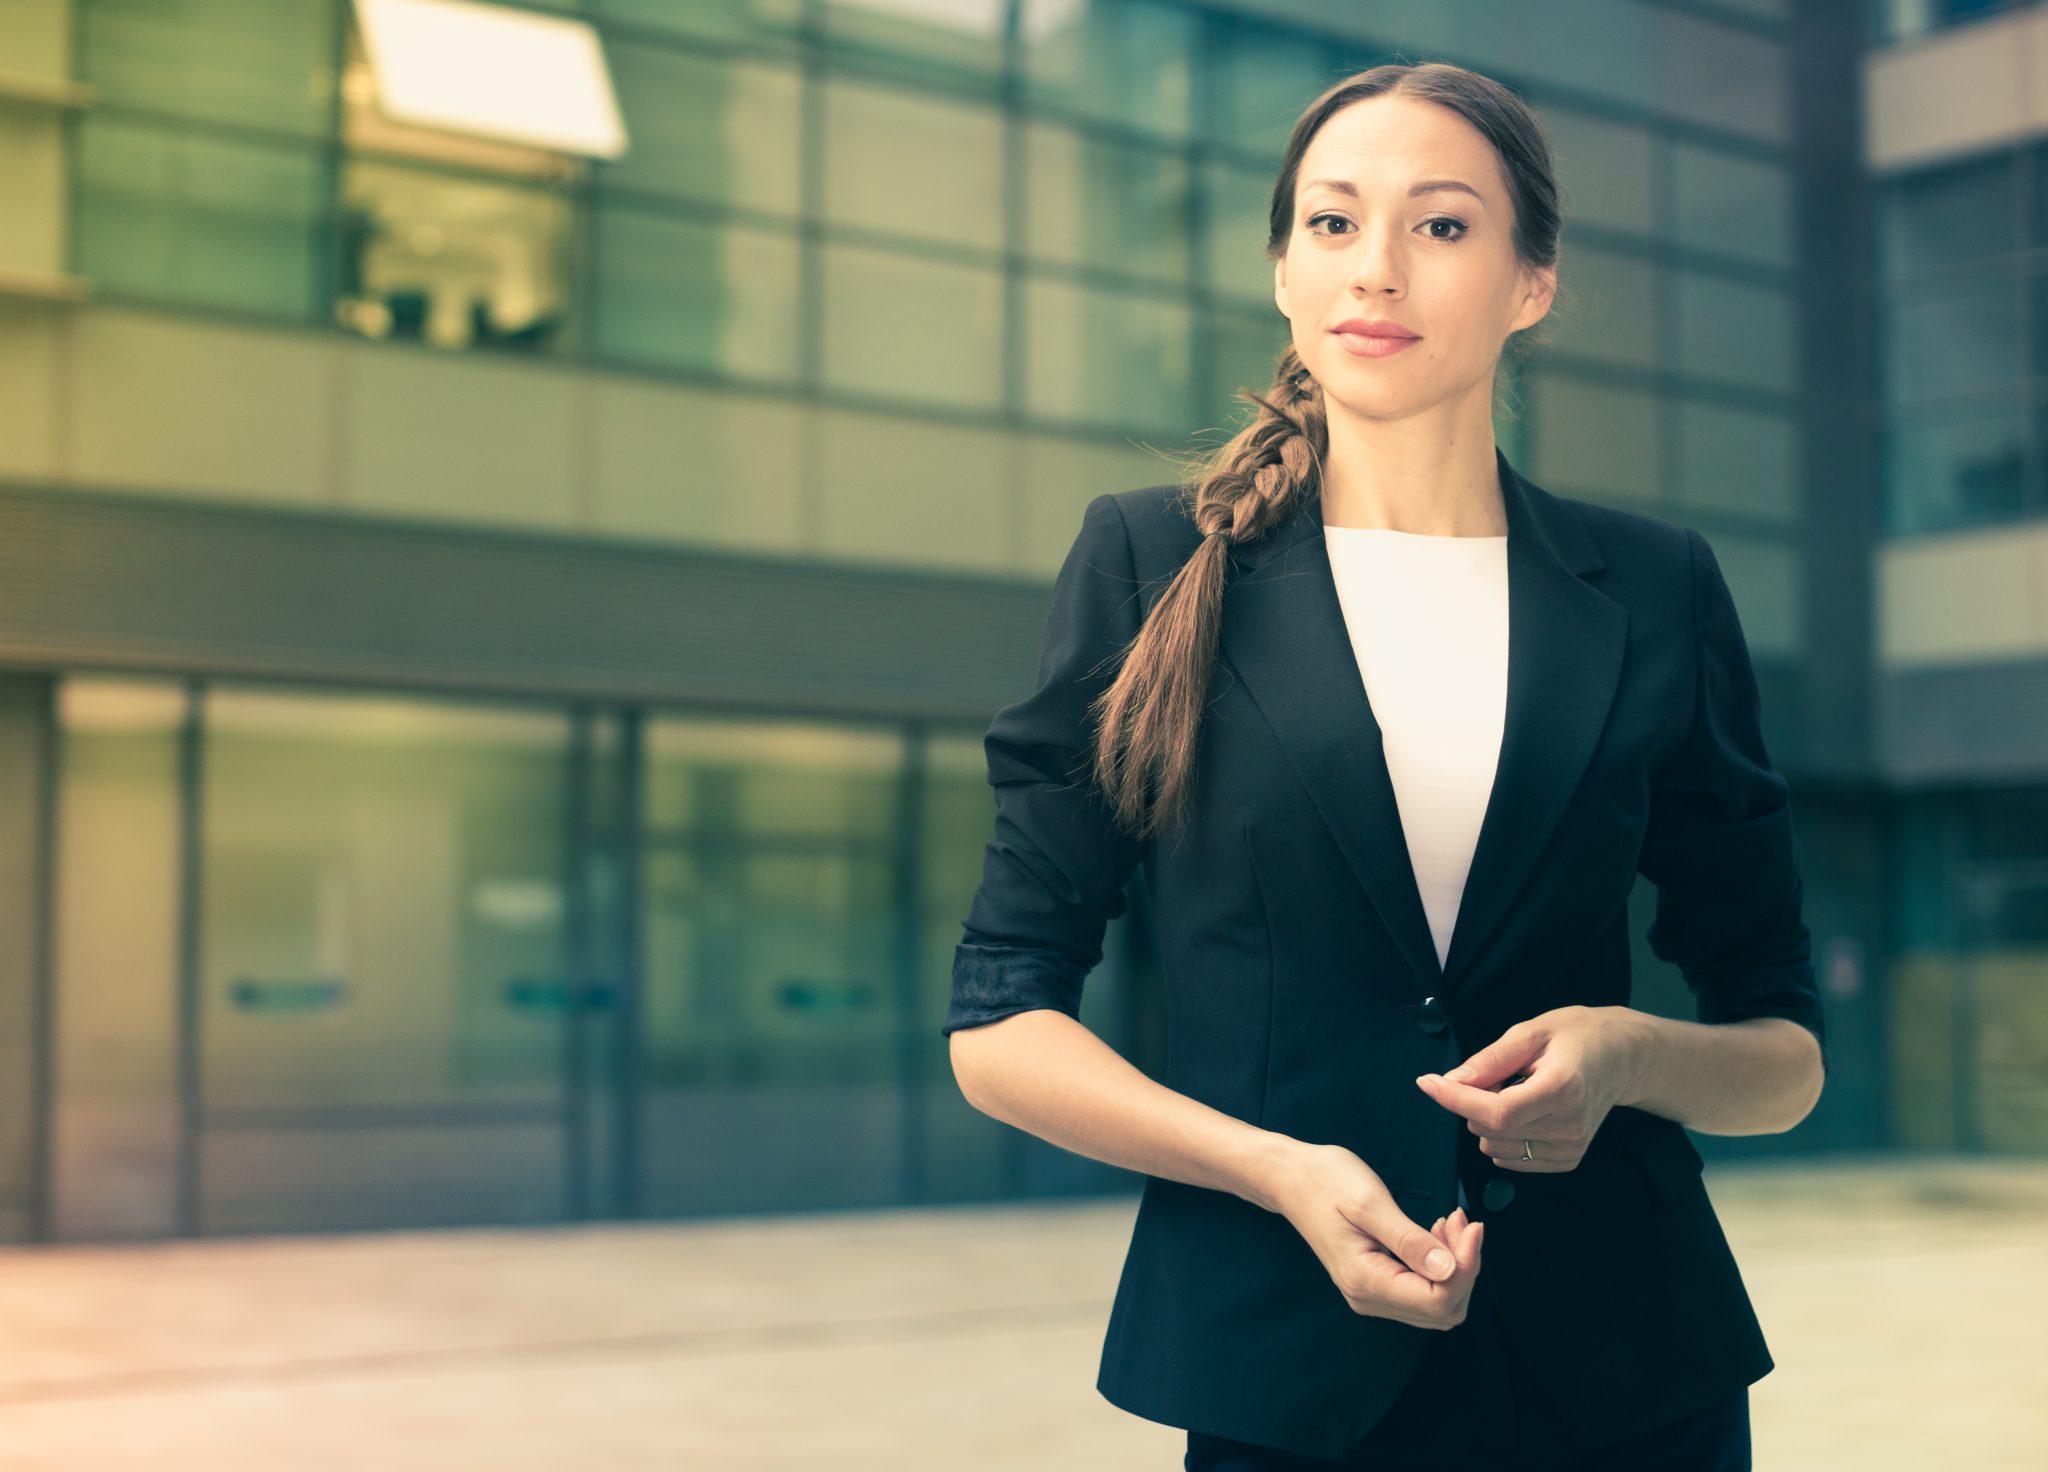 Junge Frau im Anzug steht vor einem Bürogebäude